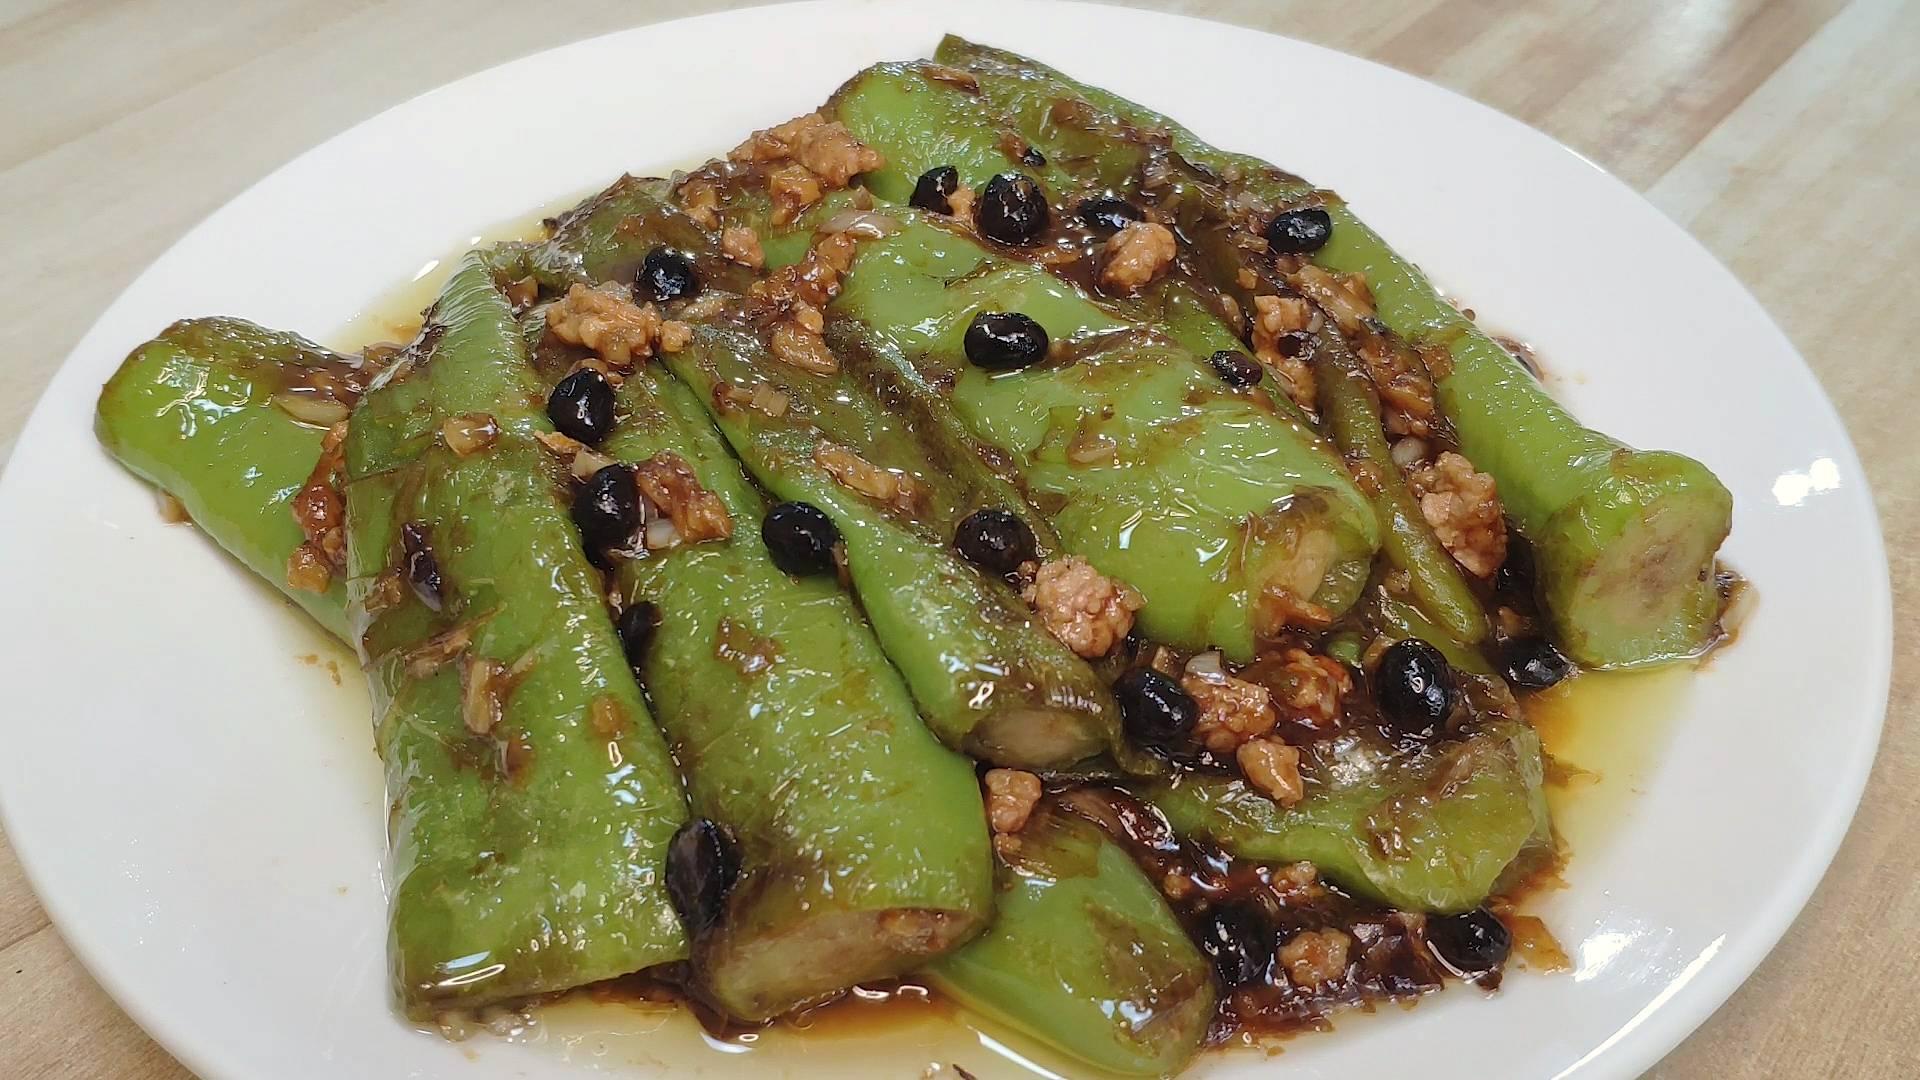 虎皮青椒的正确做法,简单方便,好吃下饭,一顿能多吃两碗饭